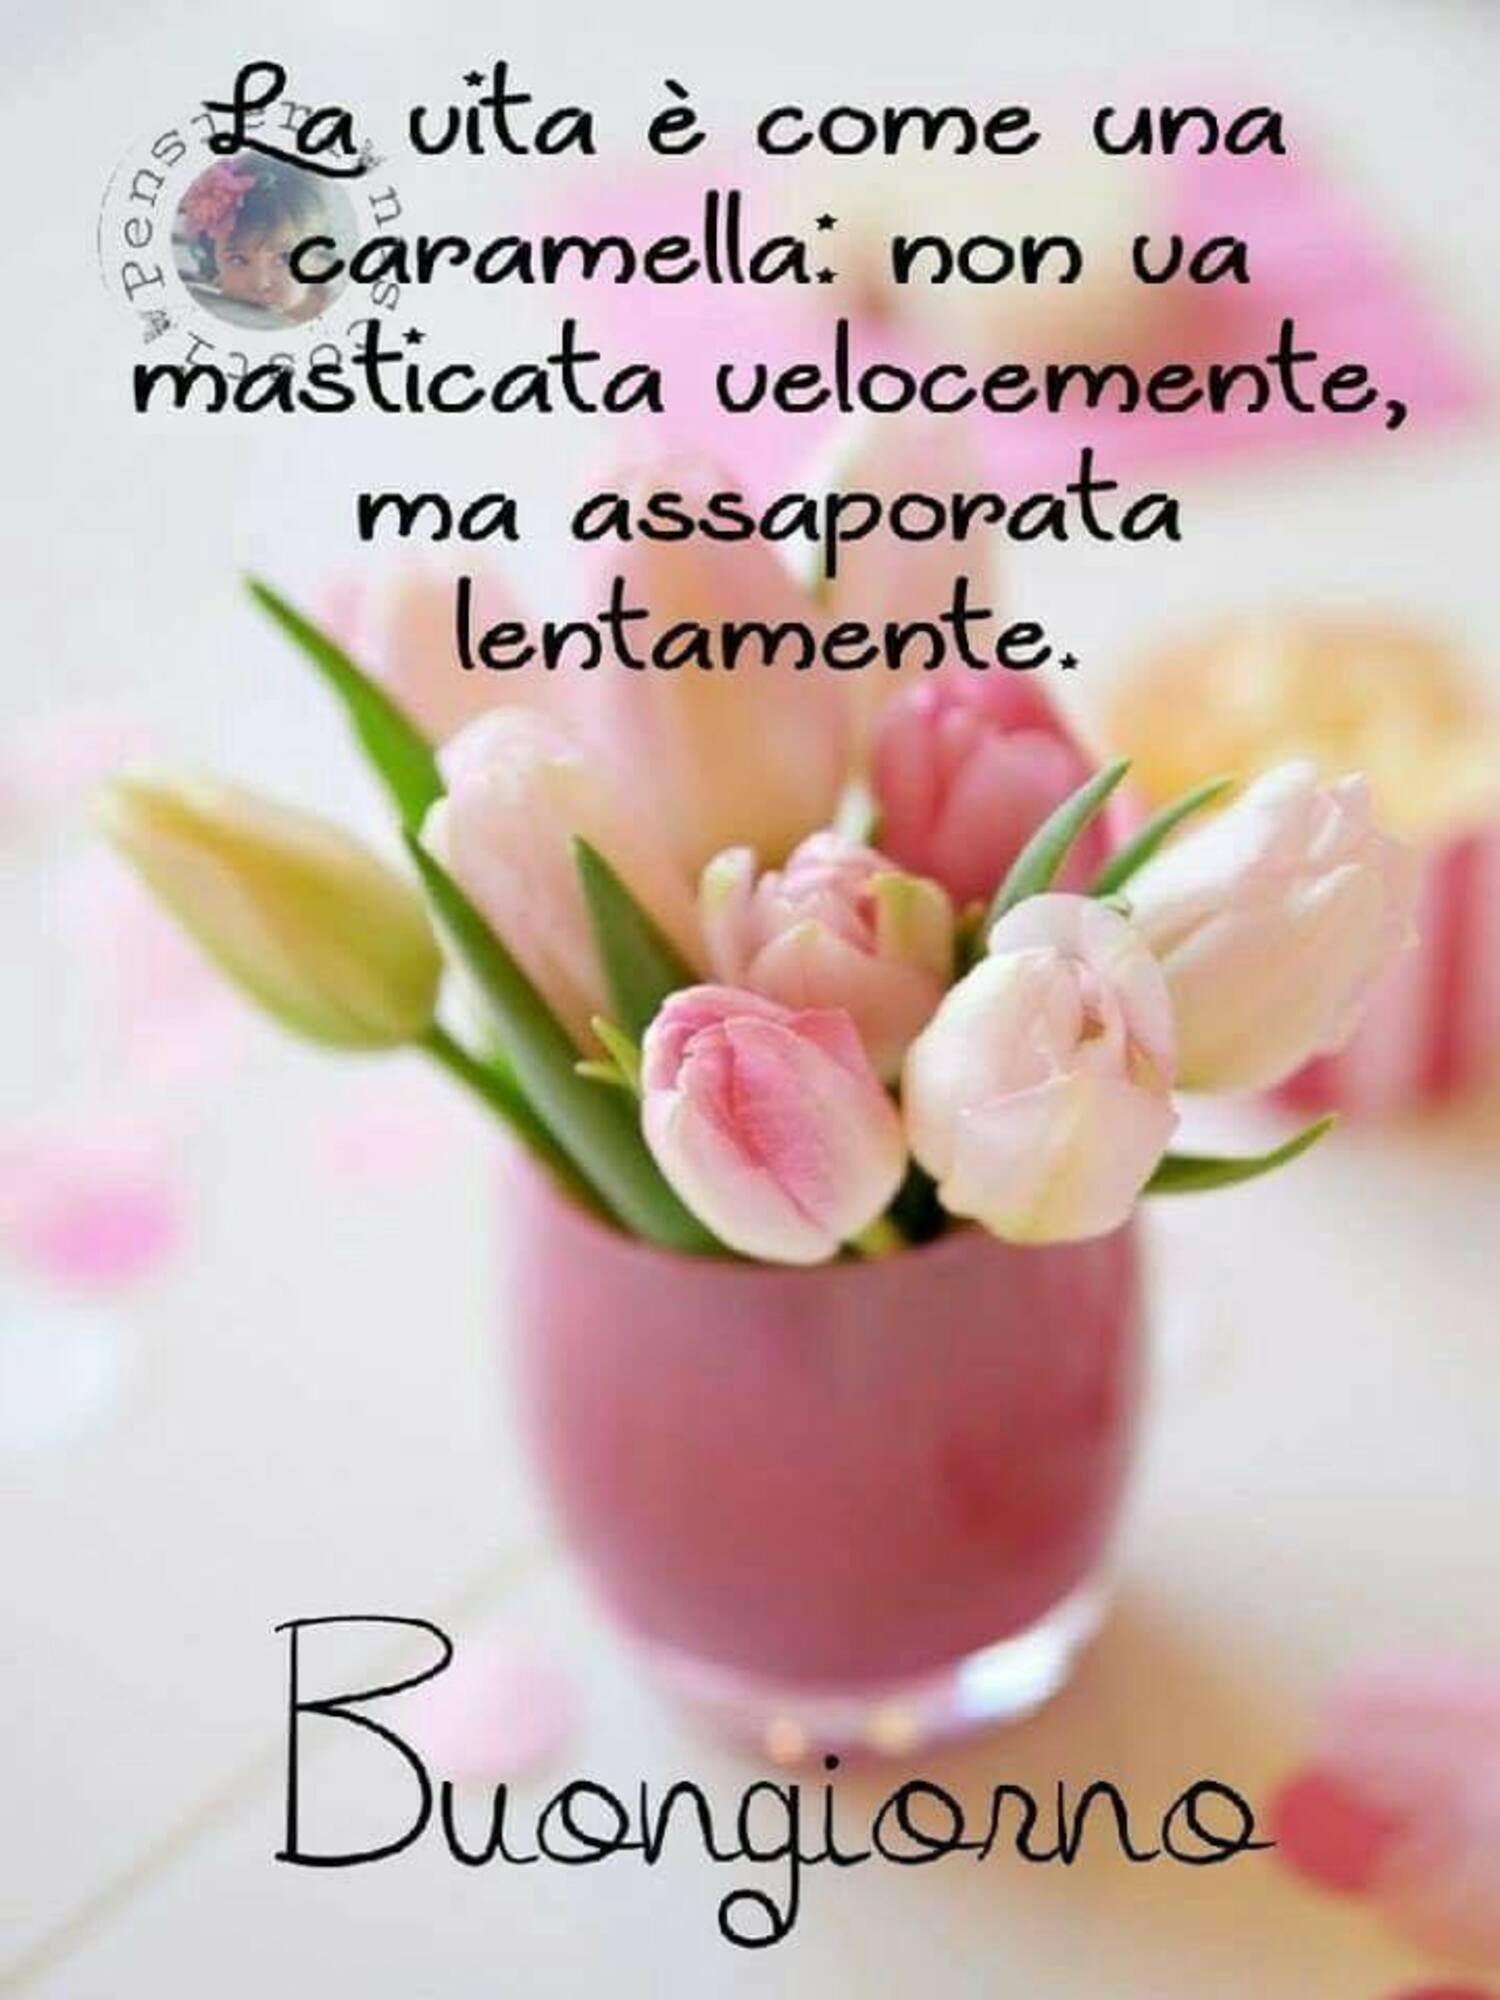 La vita è come una caramella, non va masticata velocemente ma assaporata lentamente. Buongiorno